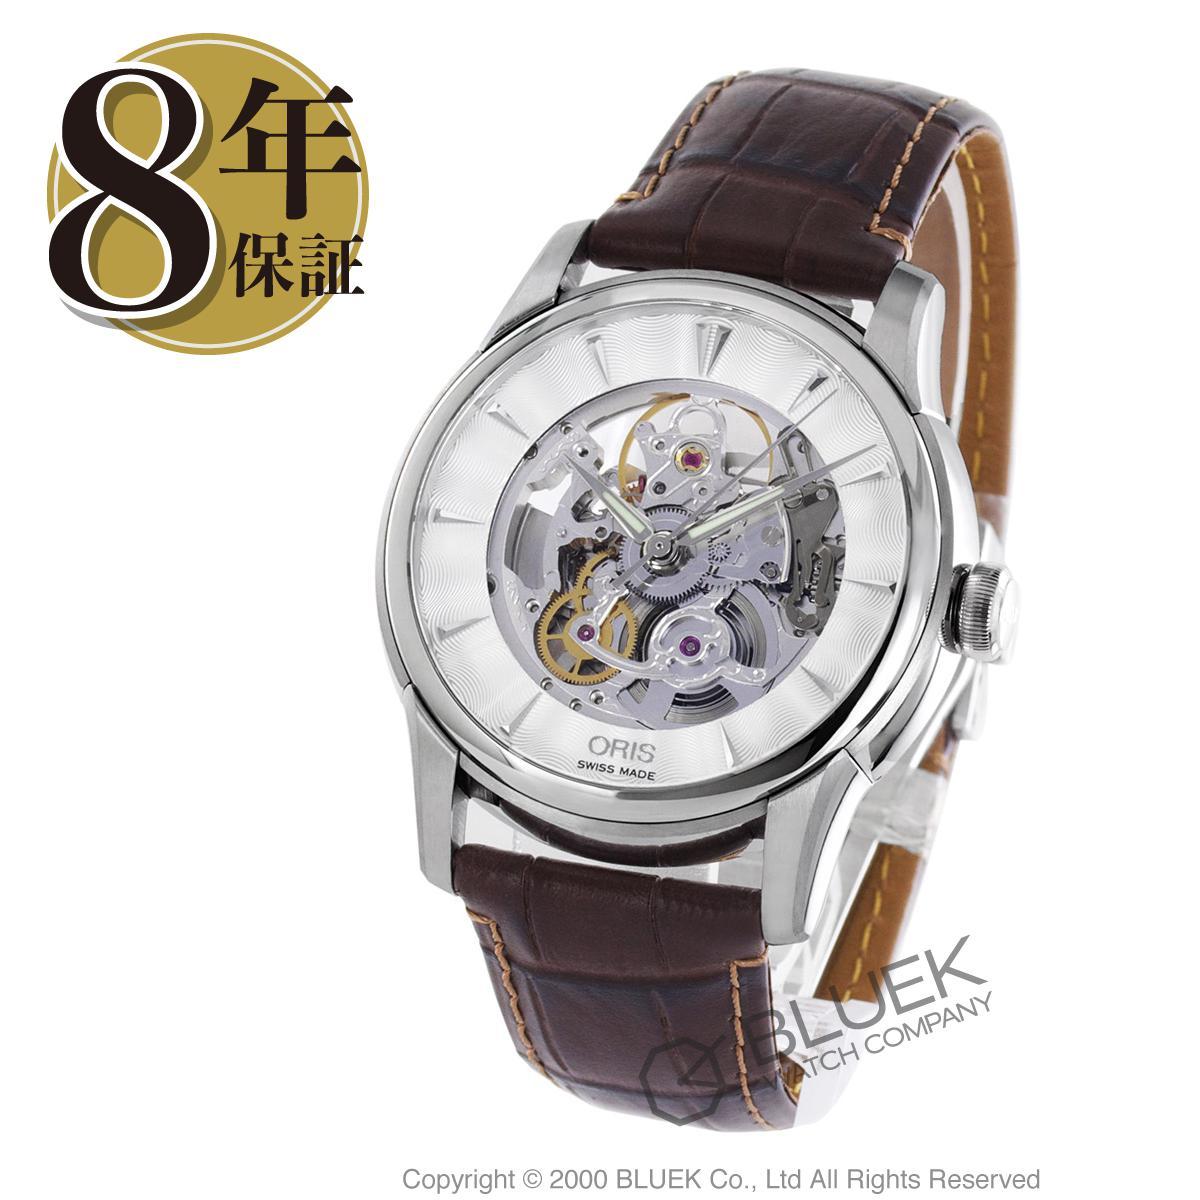 オリス ORIS 腕時計 アートリエ スケルトン メンズ 734 7670 4051D_8